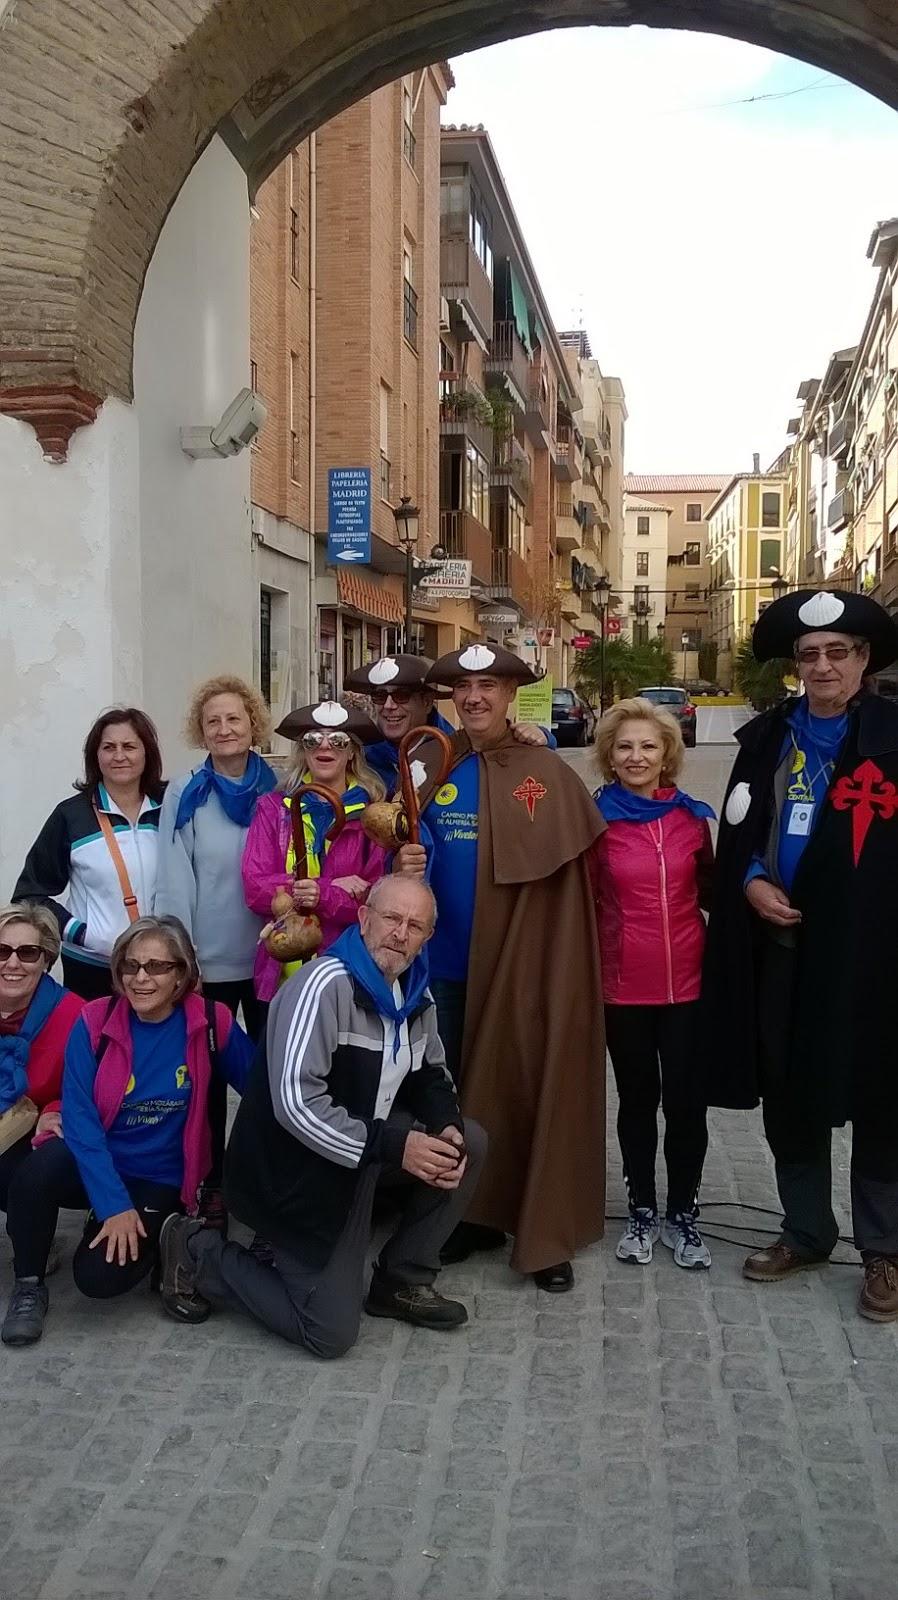 Camino mozarabe de santiago de almeria a granada for Oficina correos almeria